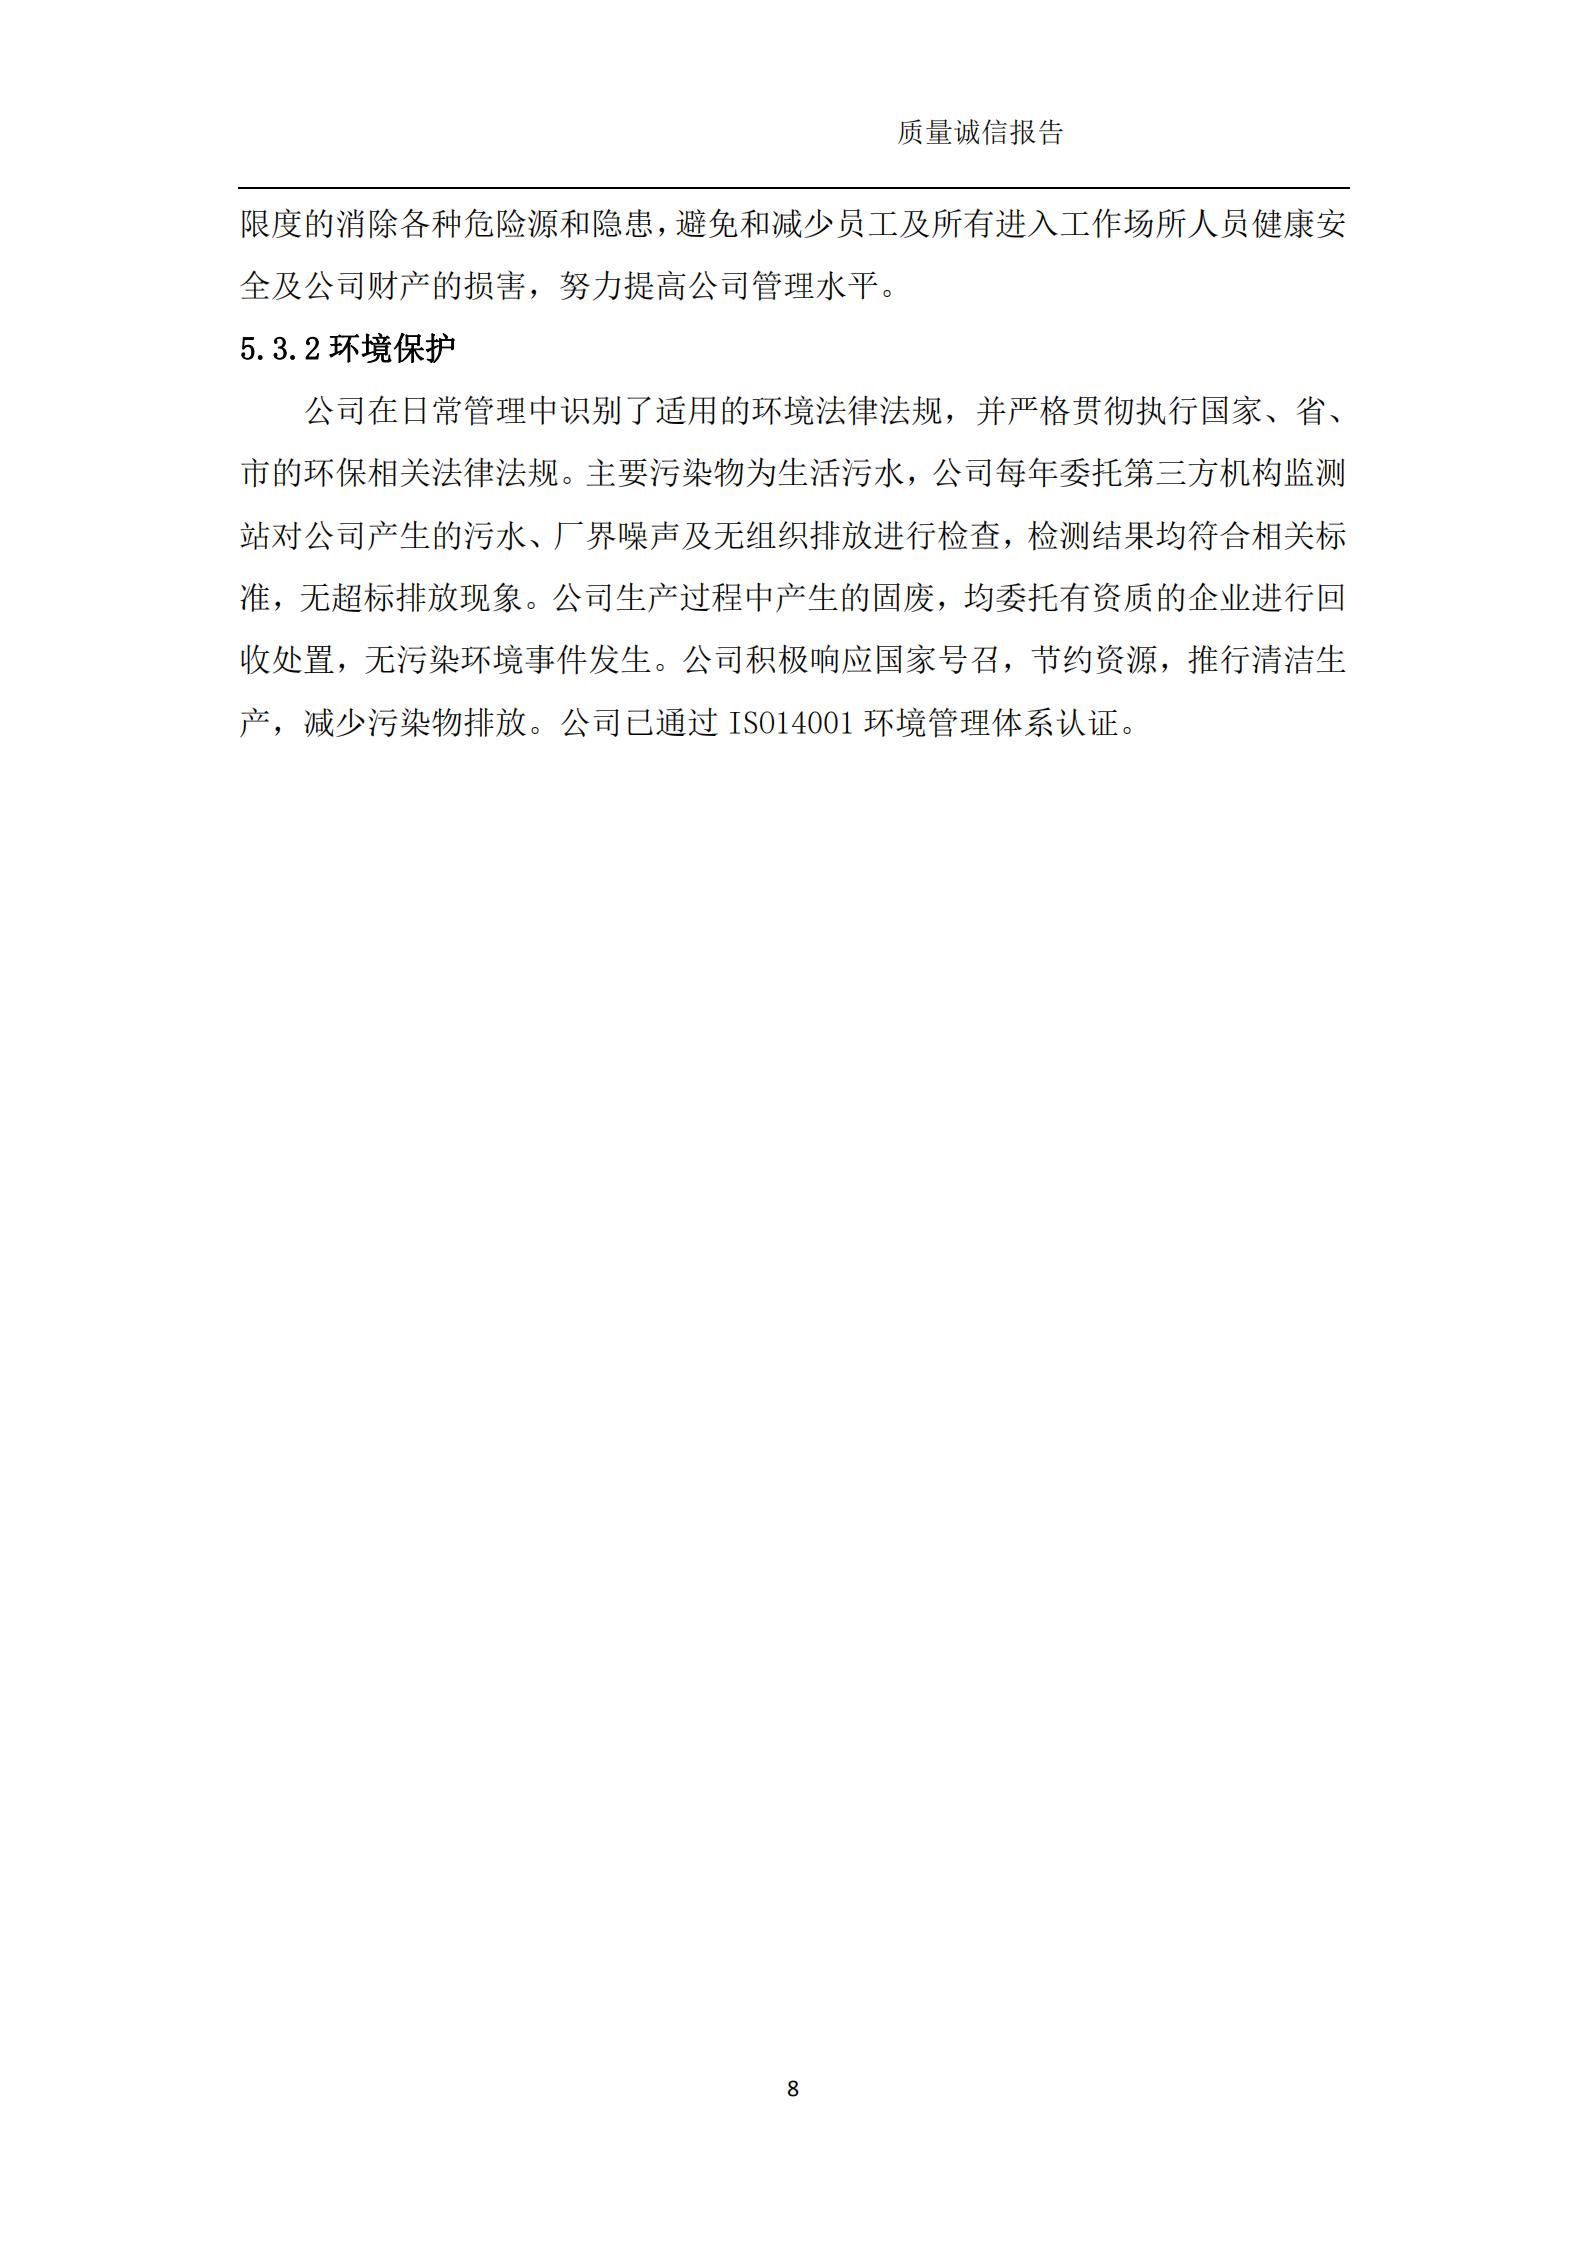 浙江新诚减速机科技有限公司-质量诚信报告(1)_09.png